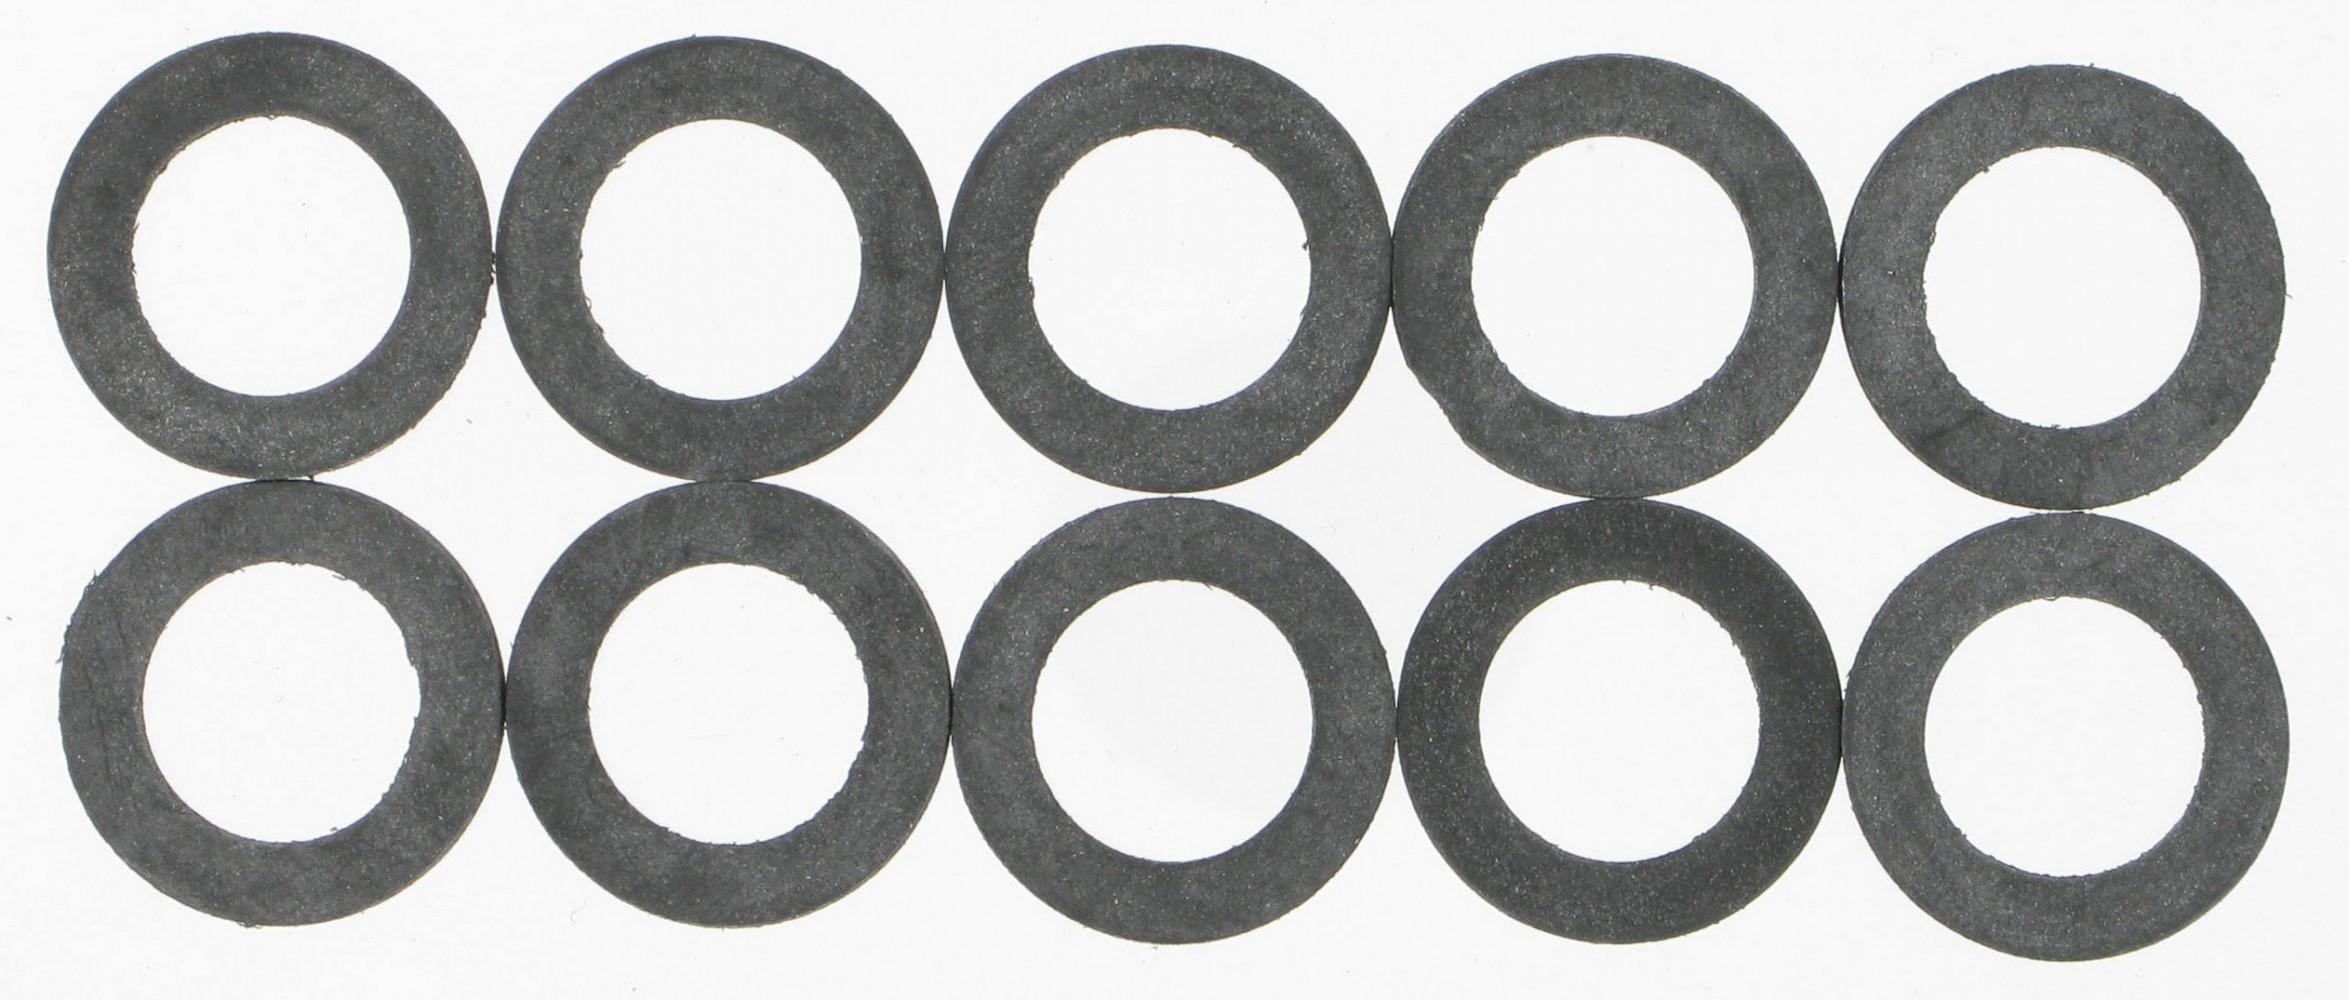 Lot de 100 joints caoutchouc, 12/17 mm COMAP